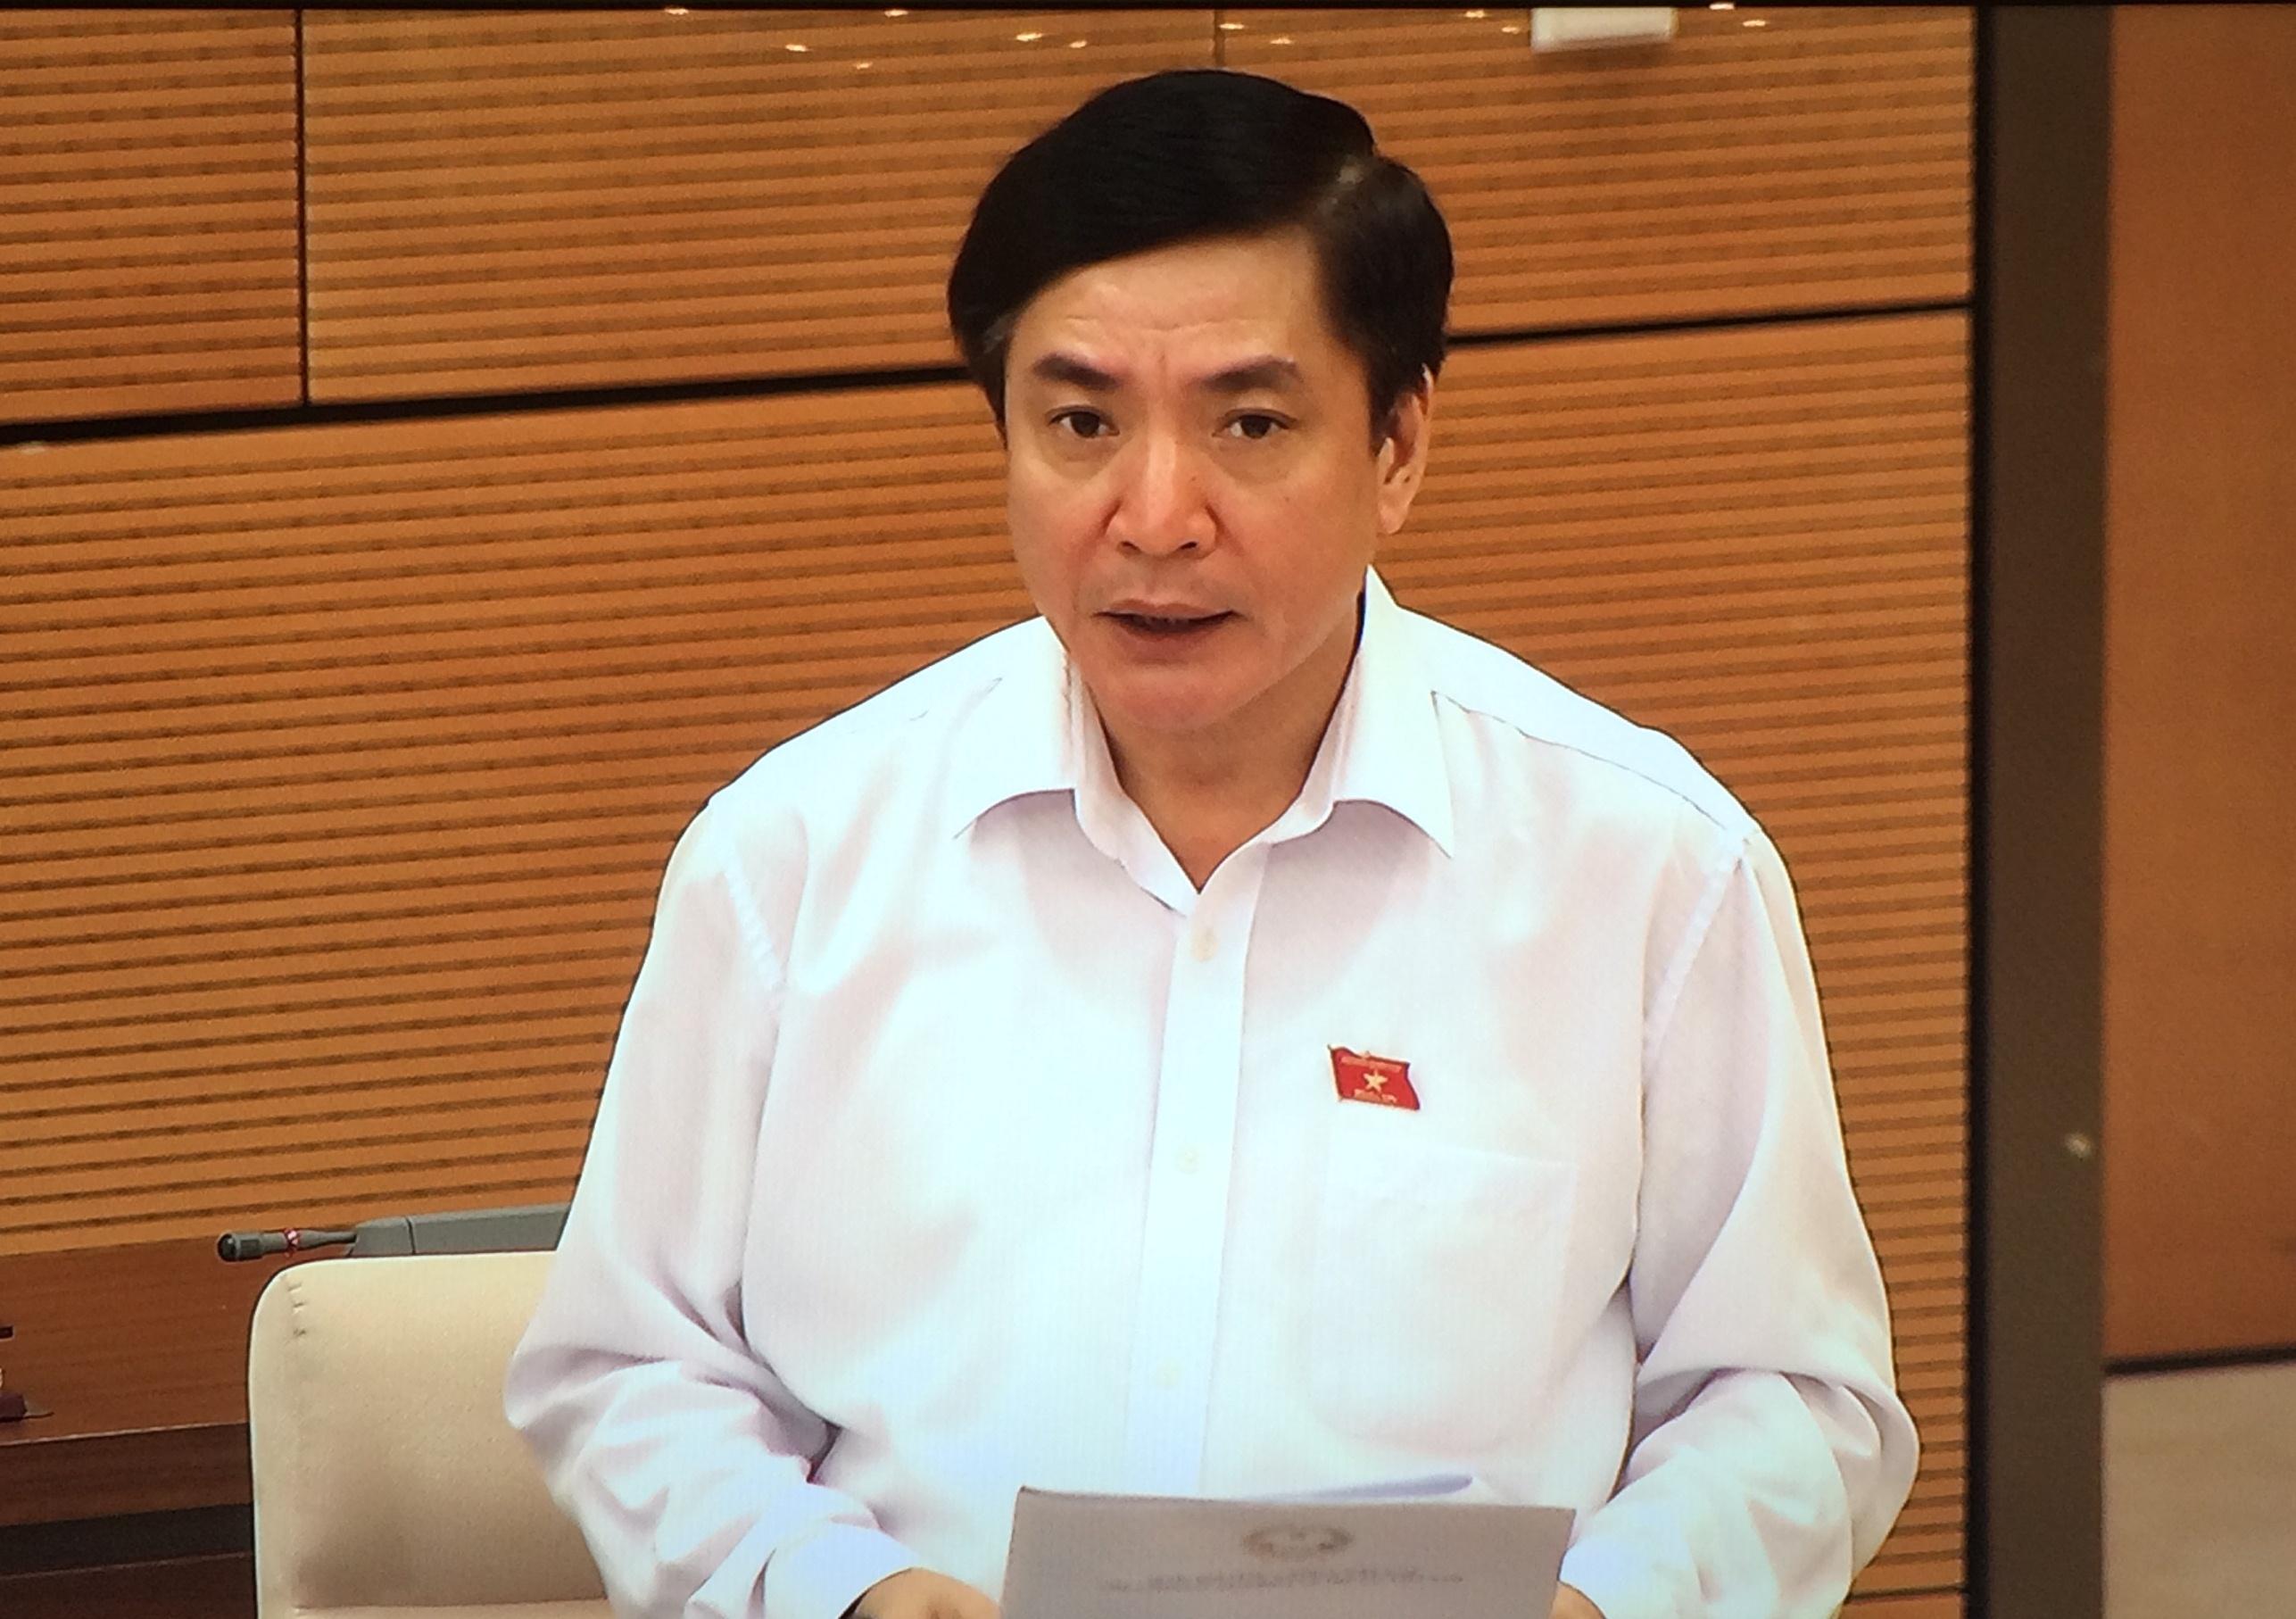 Tổng Thư ký, Chủ nhiệm Văn phòng Quốc hội Bùi Văn Cường báo cáo tại phiên họp. Ảnh: VGP/Nguyễn Hoàng